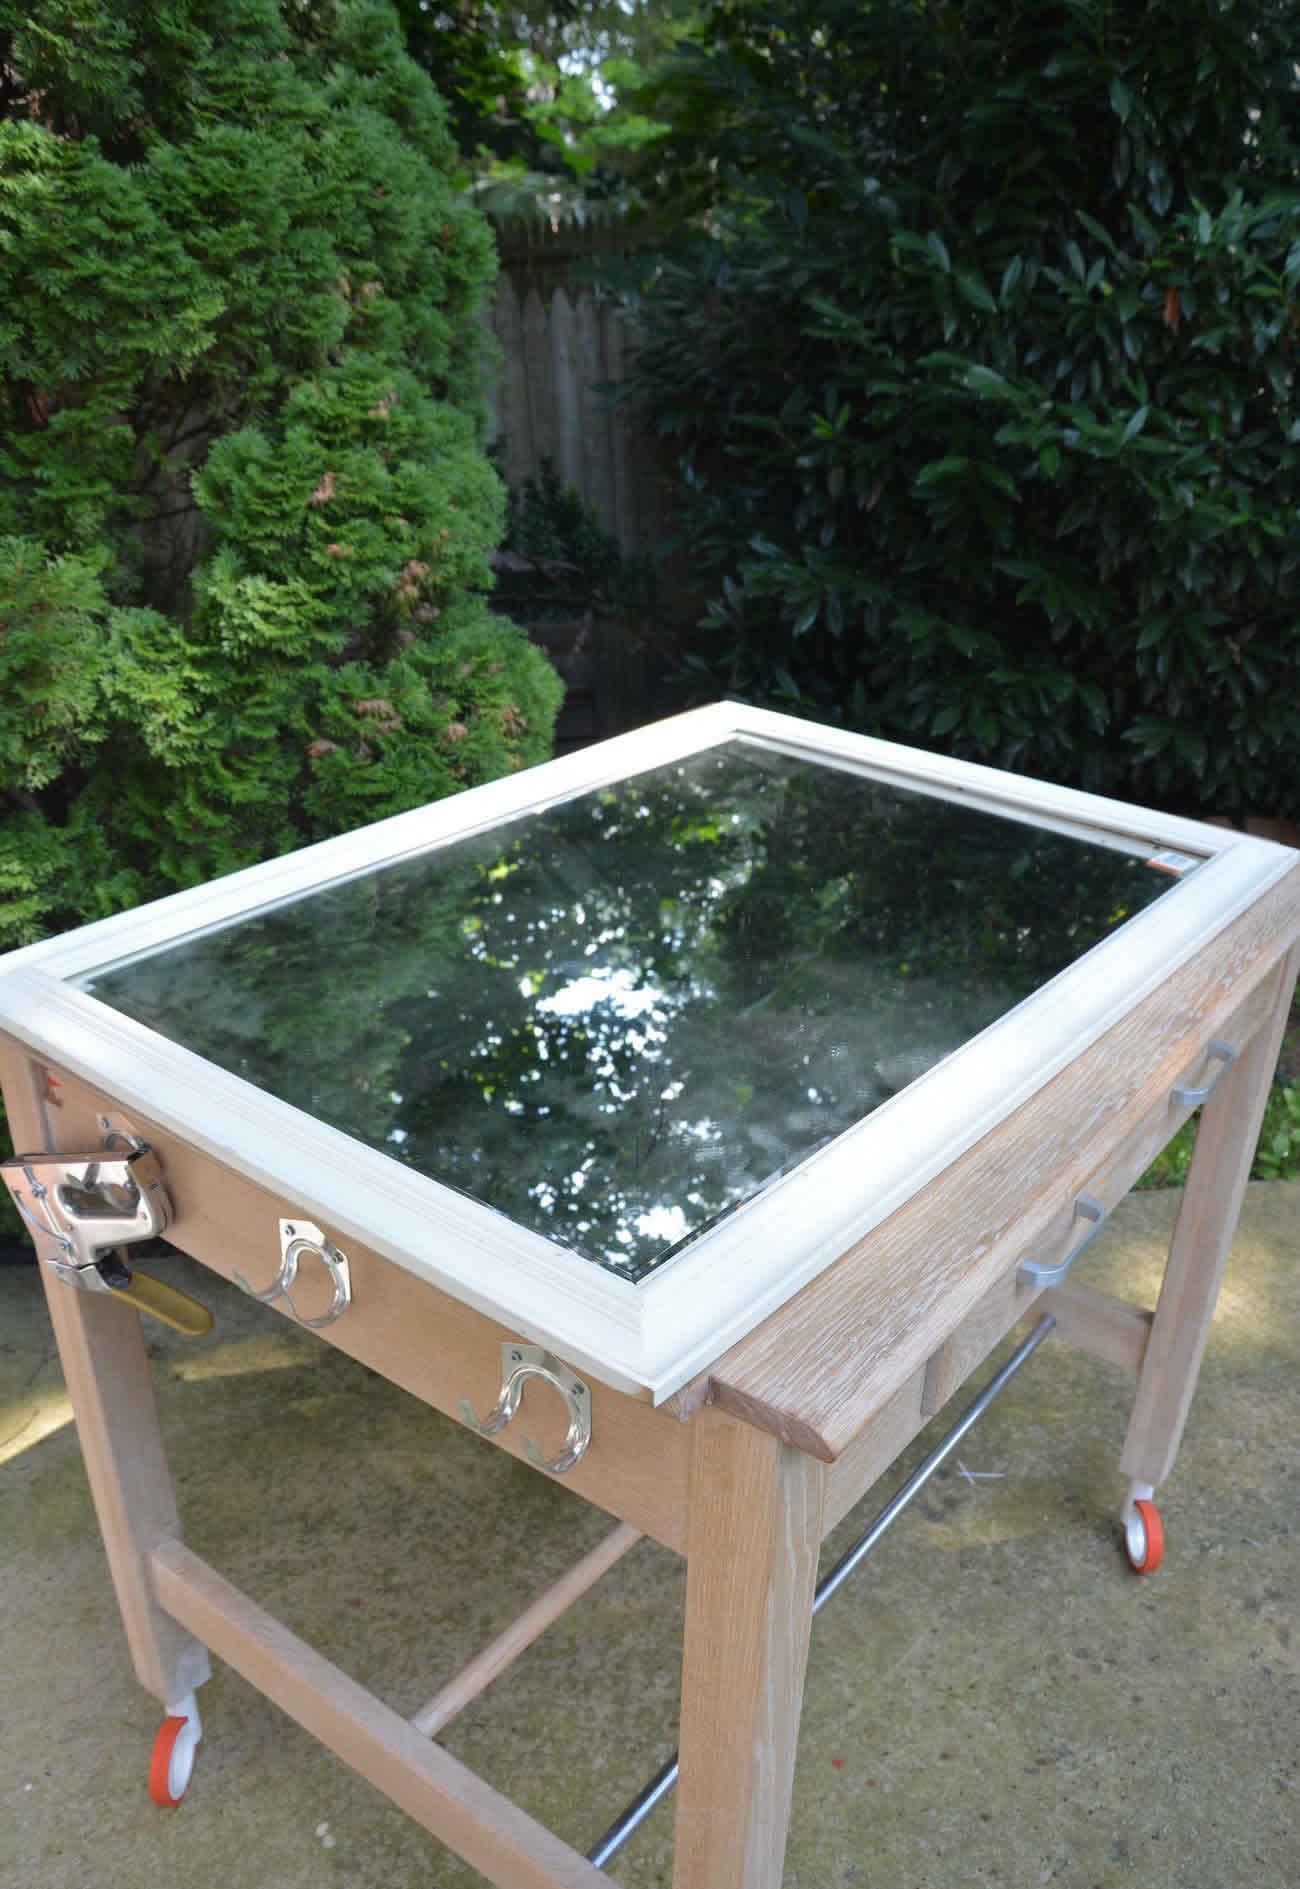 framed-fabric-wall-art-arrow-project-step1a.jpg